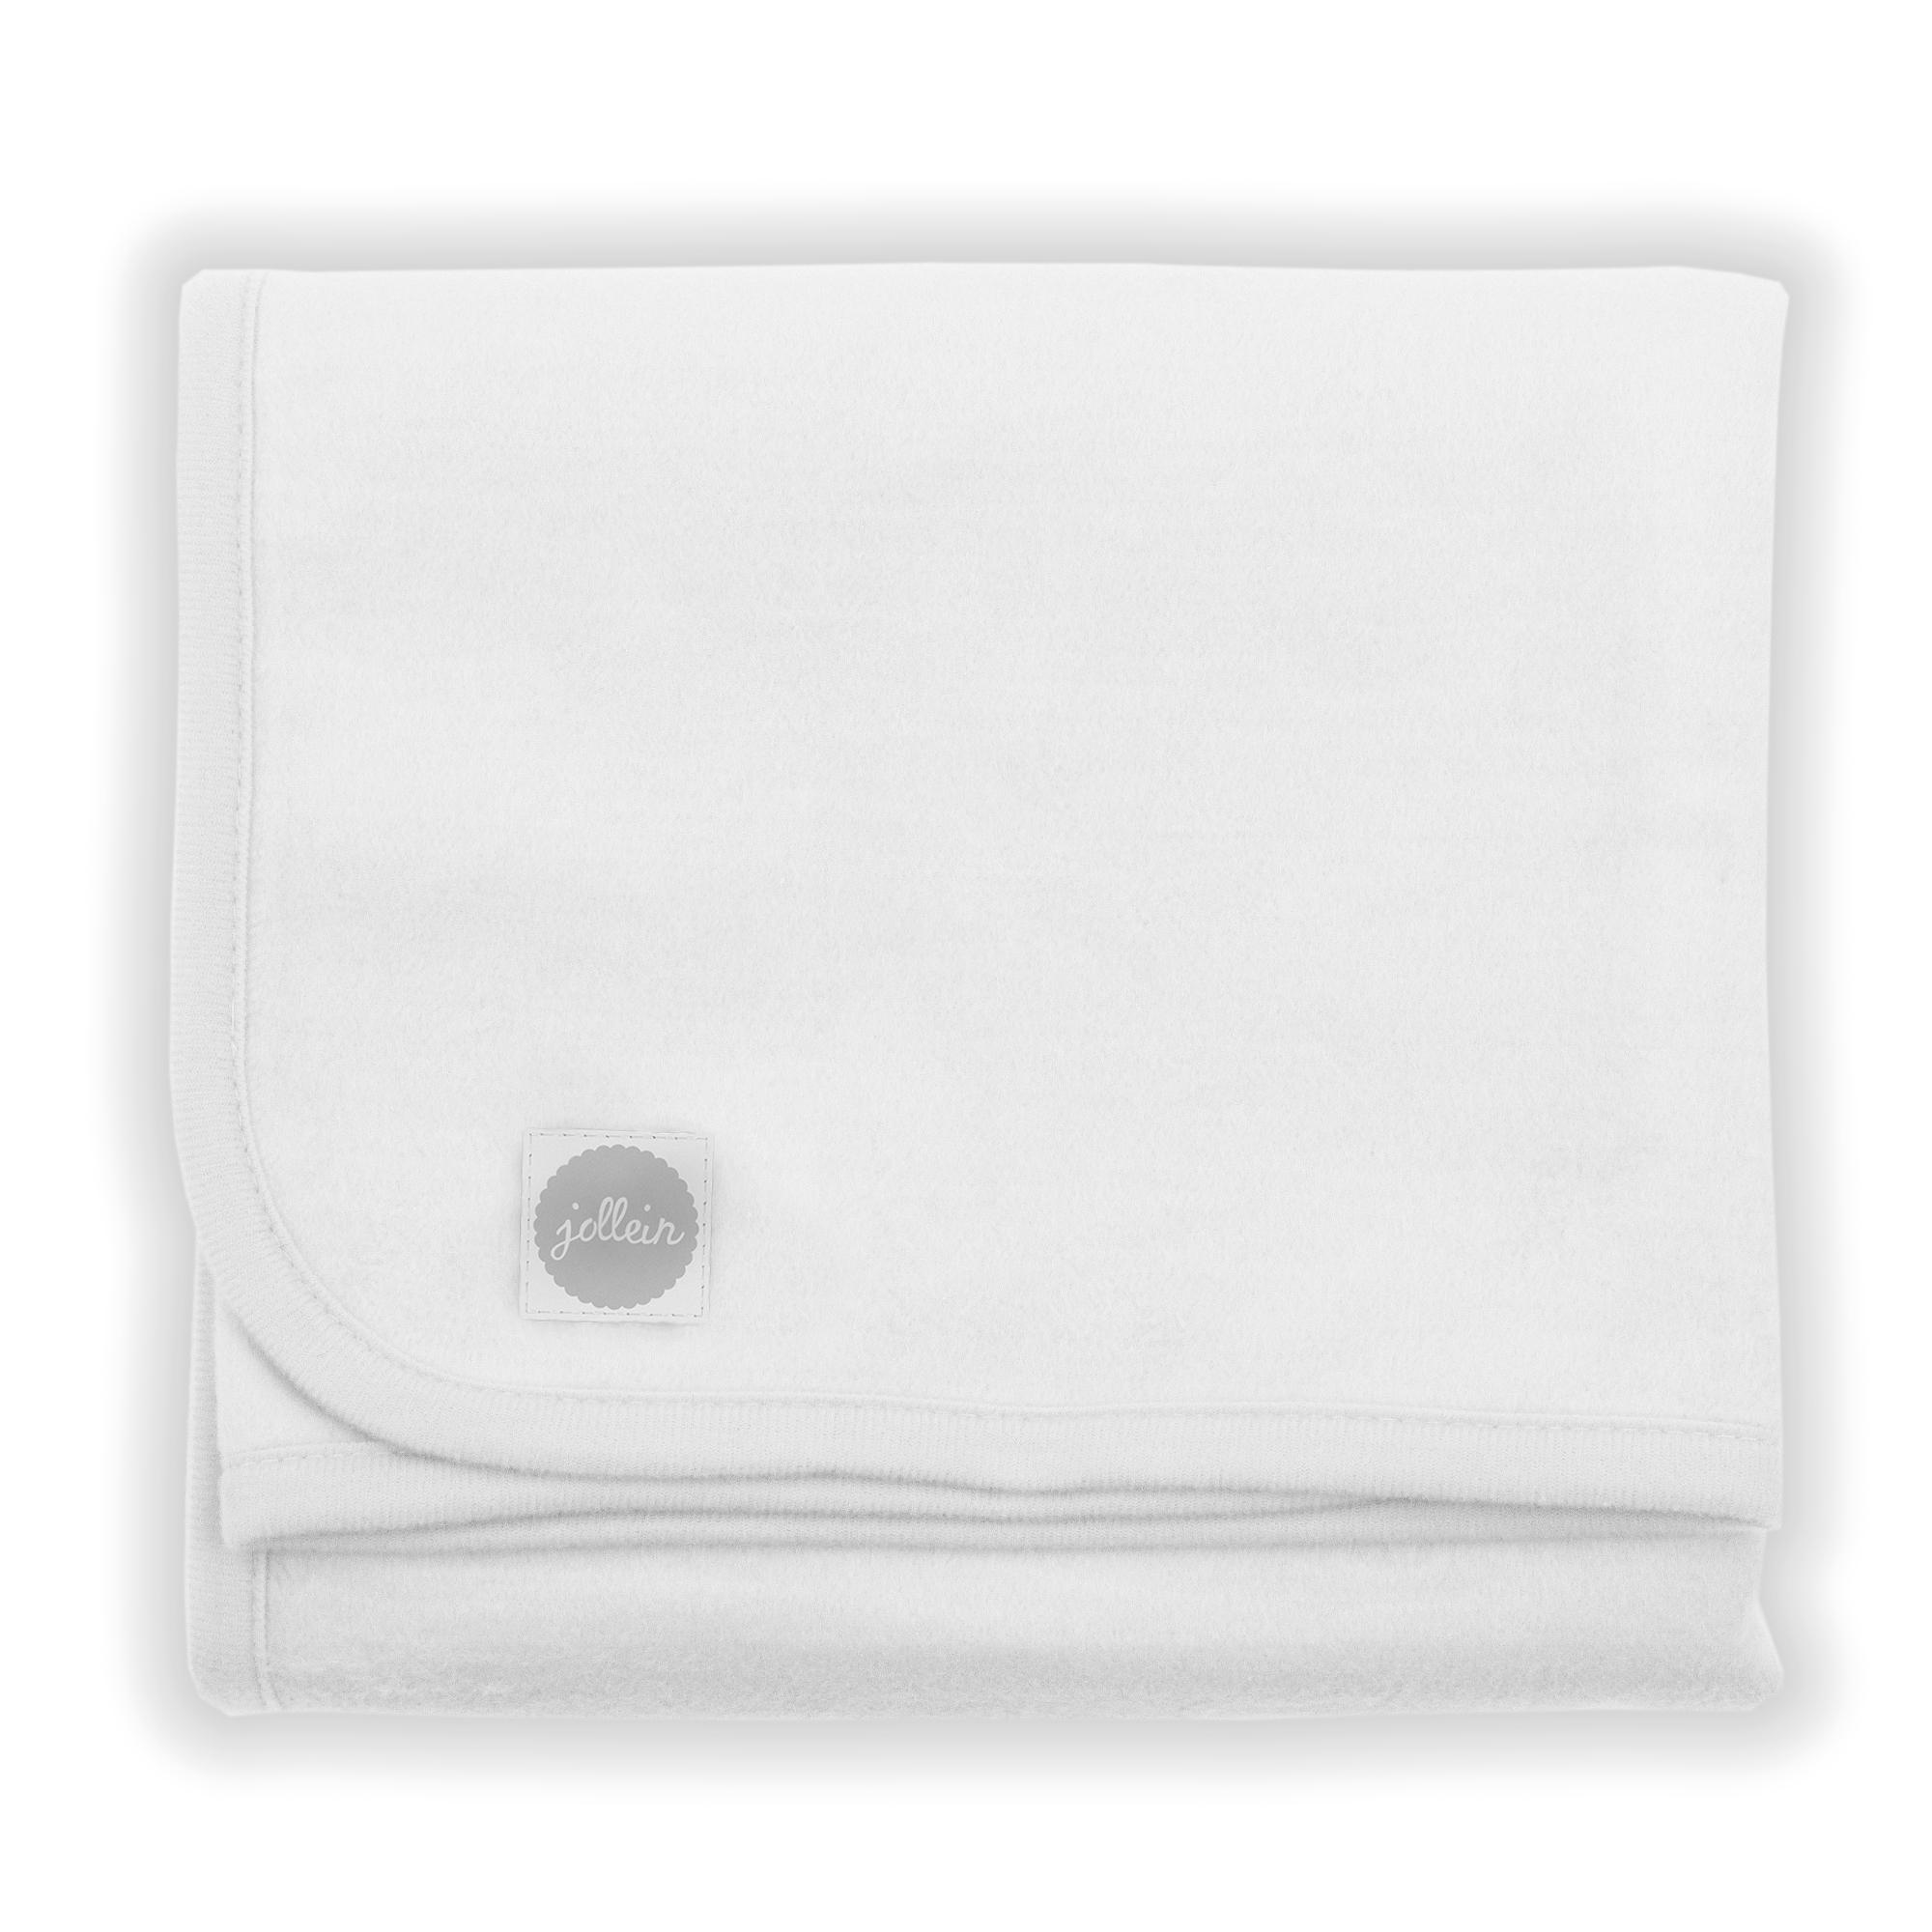 Babydecke Basic weiß (75x100 cm)